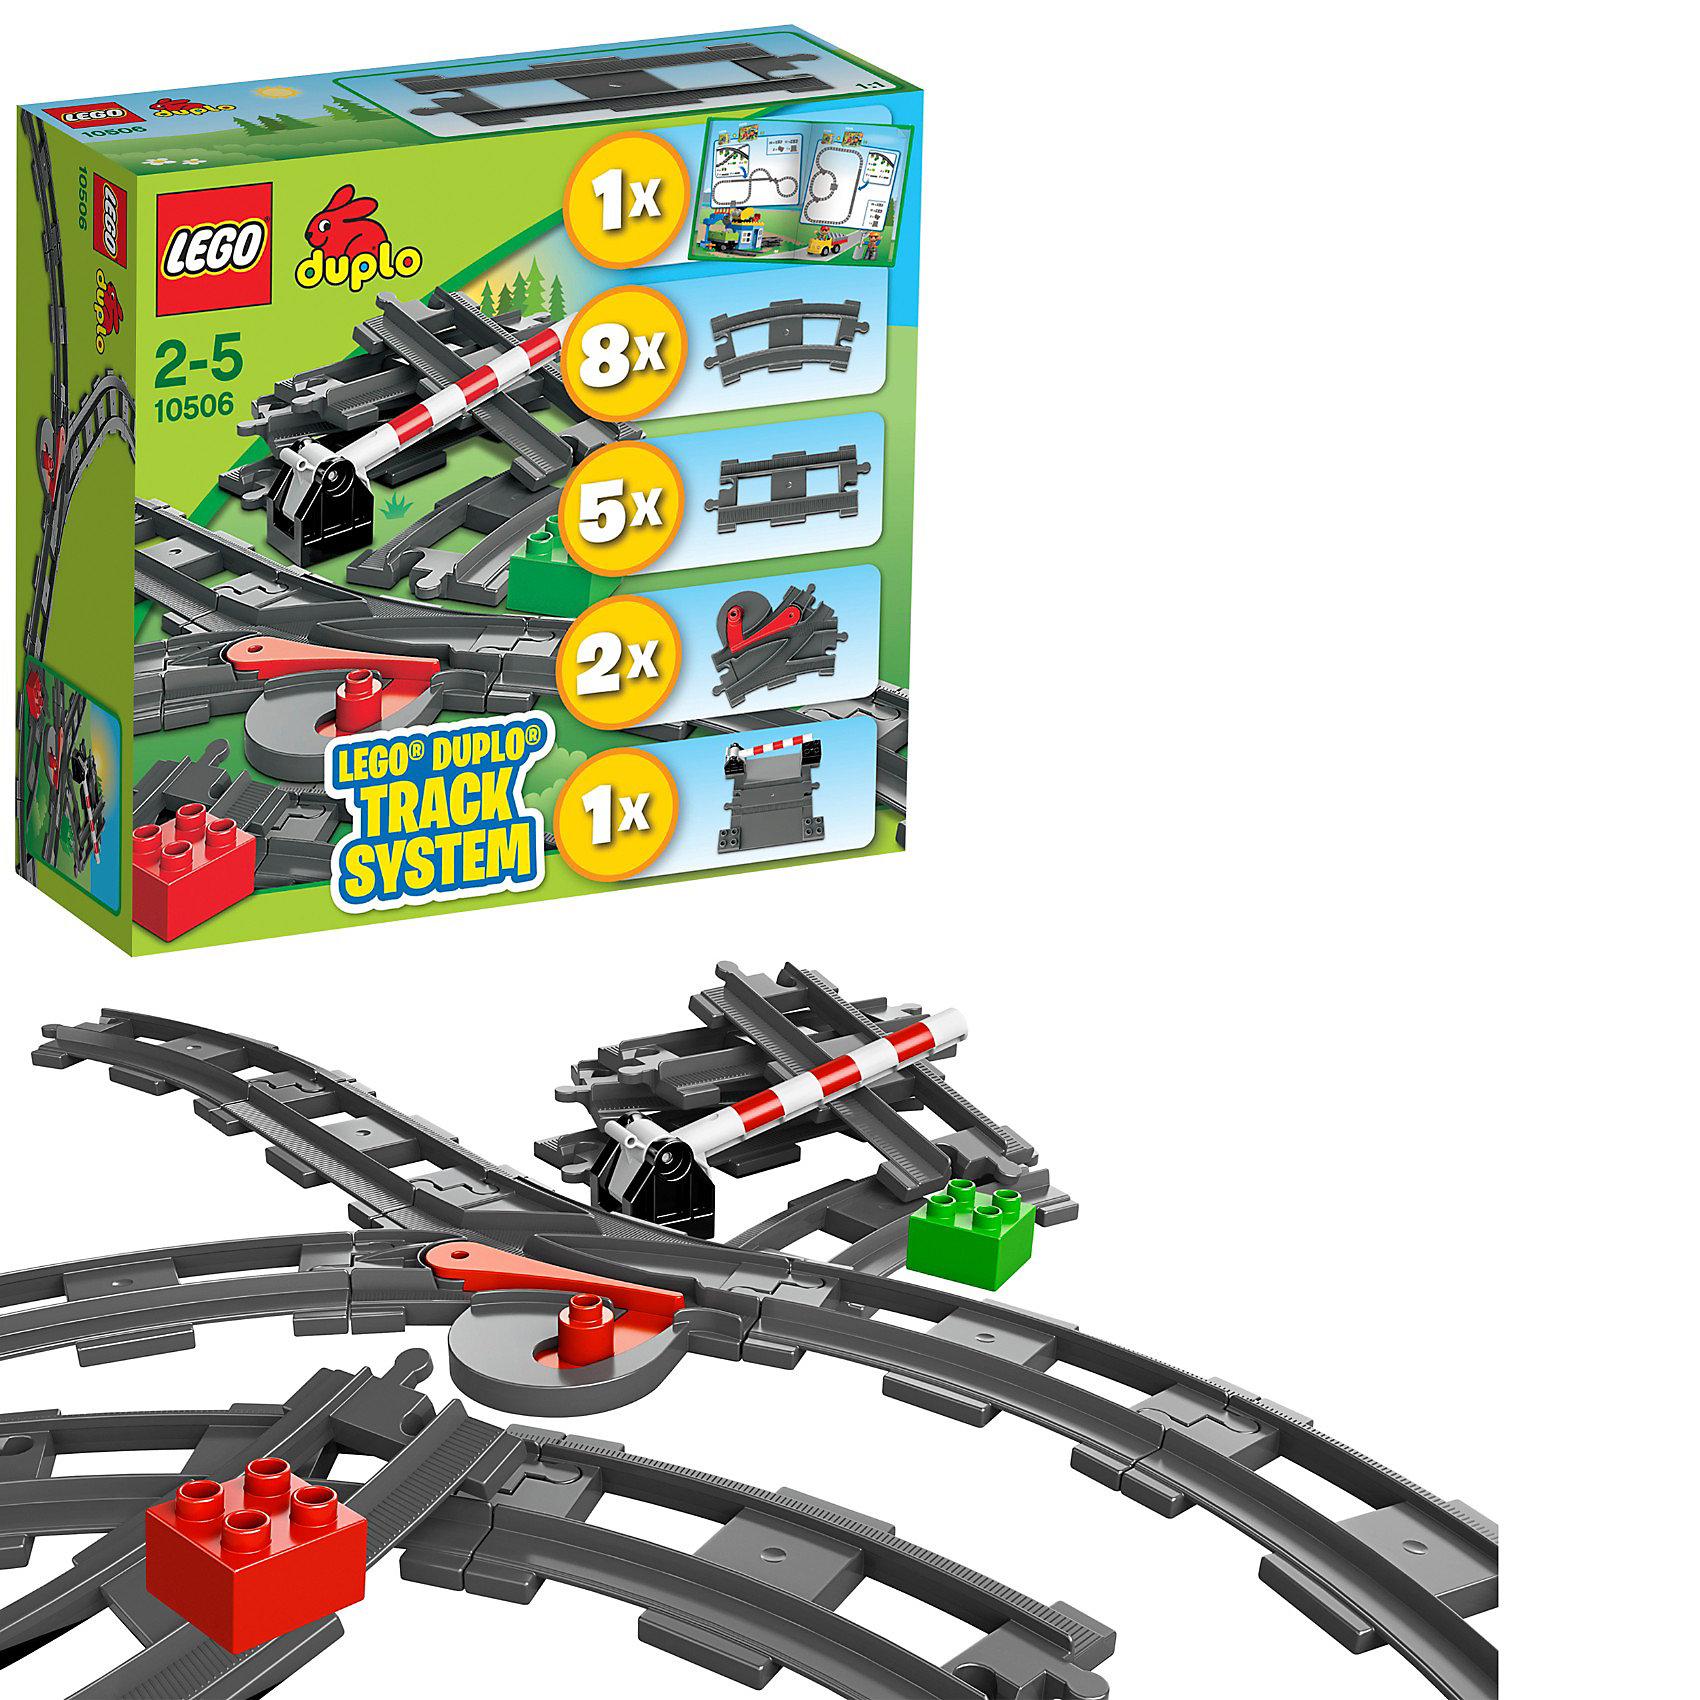 LEGO LEGO DUPLO 10506: Дополнительные элементы для поезда lego lego duplo 10831 моя веселая гусеница